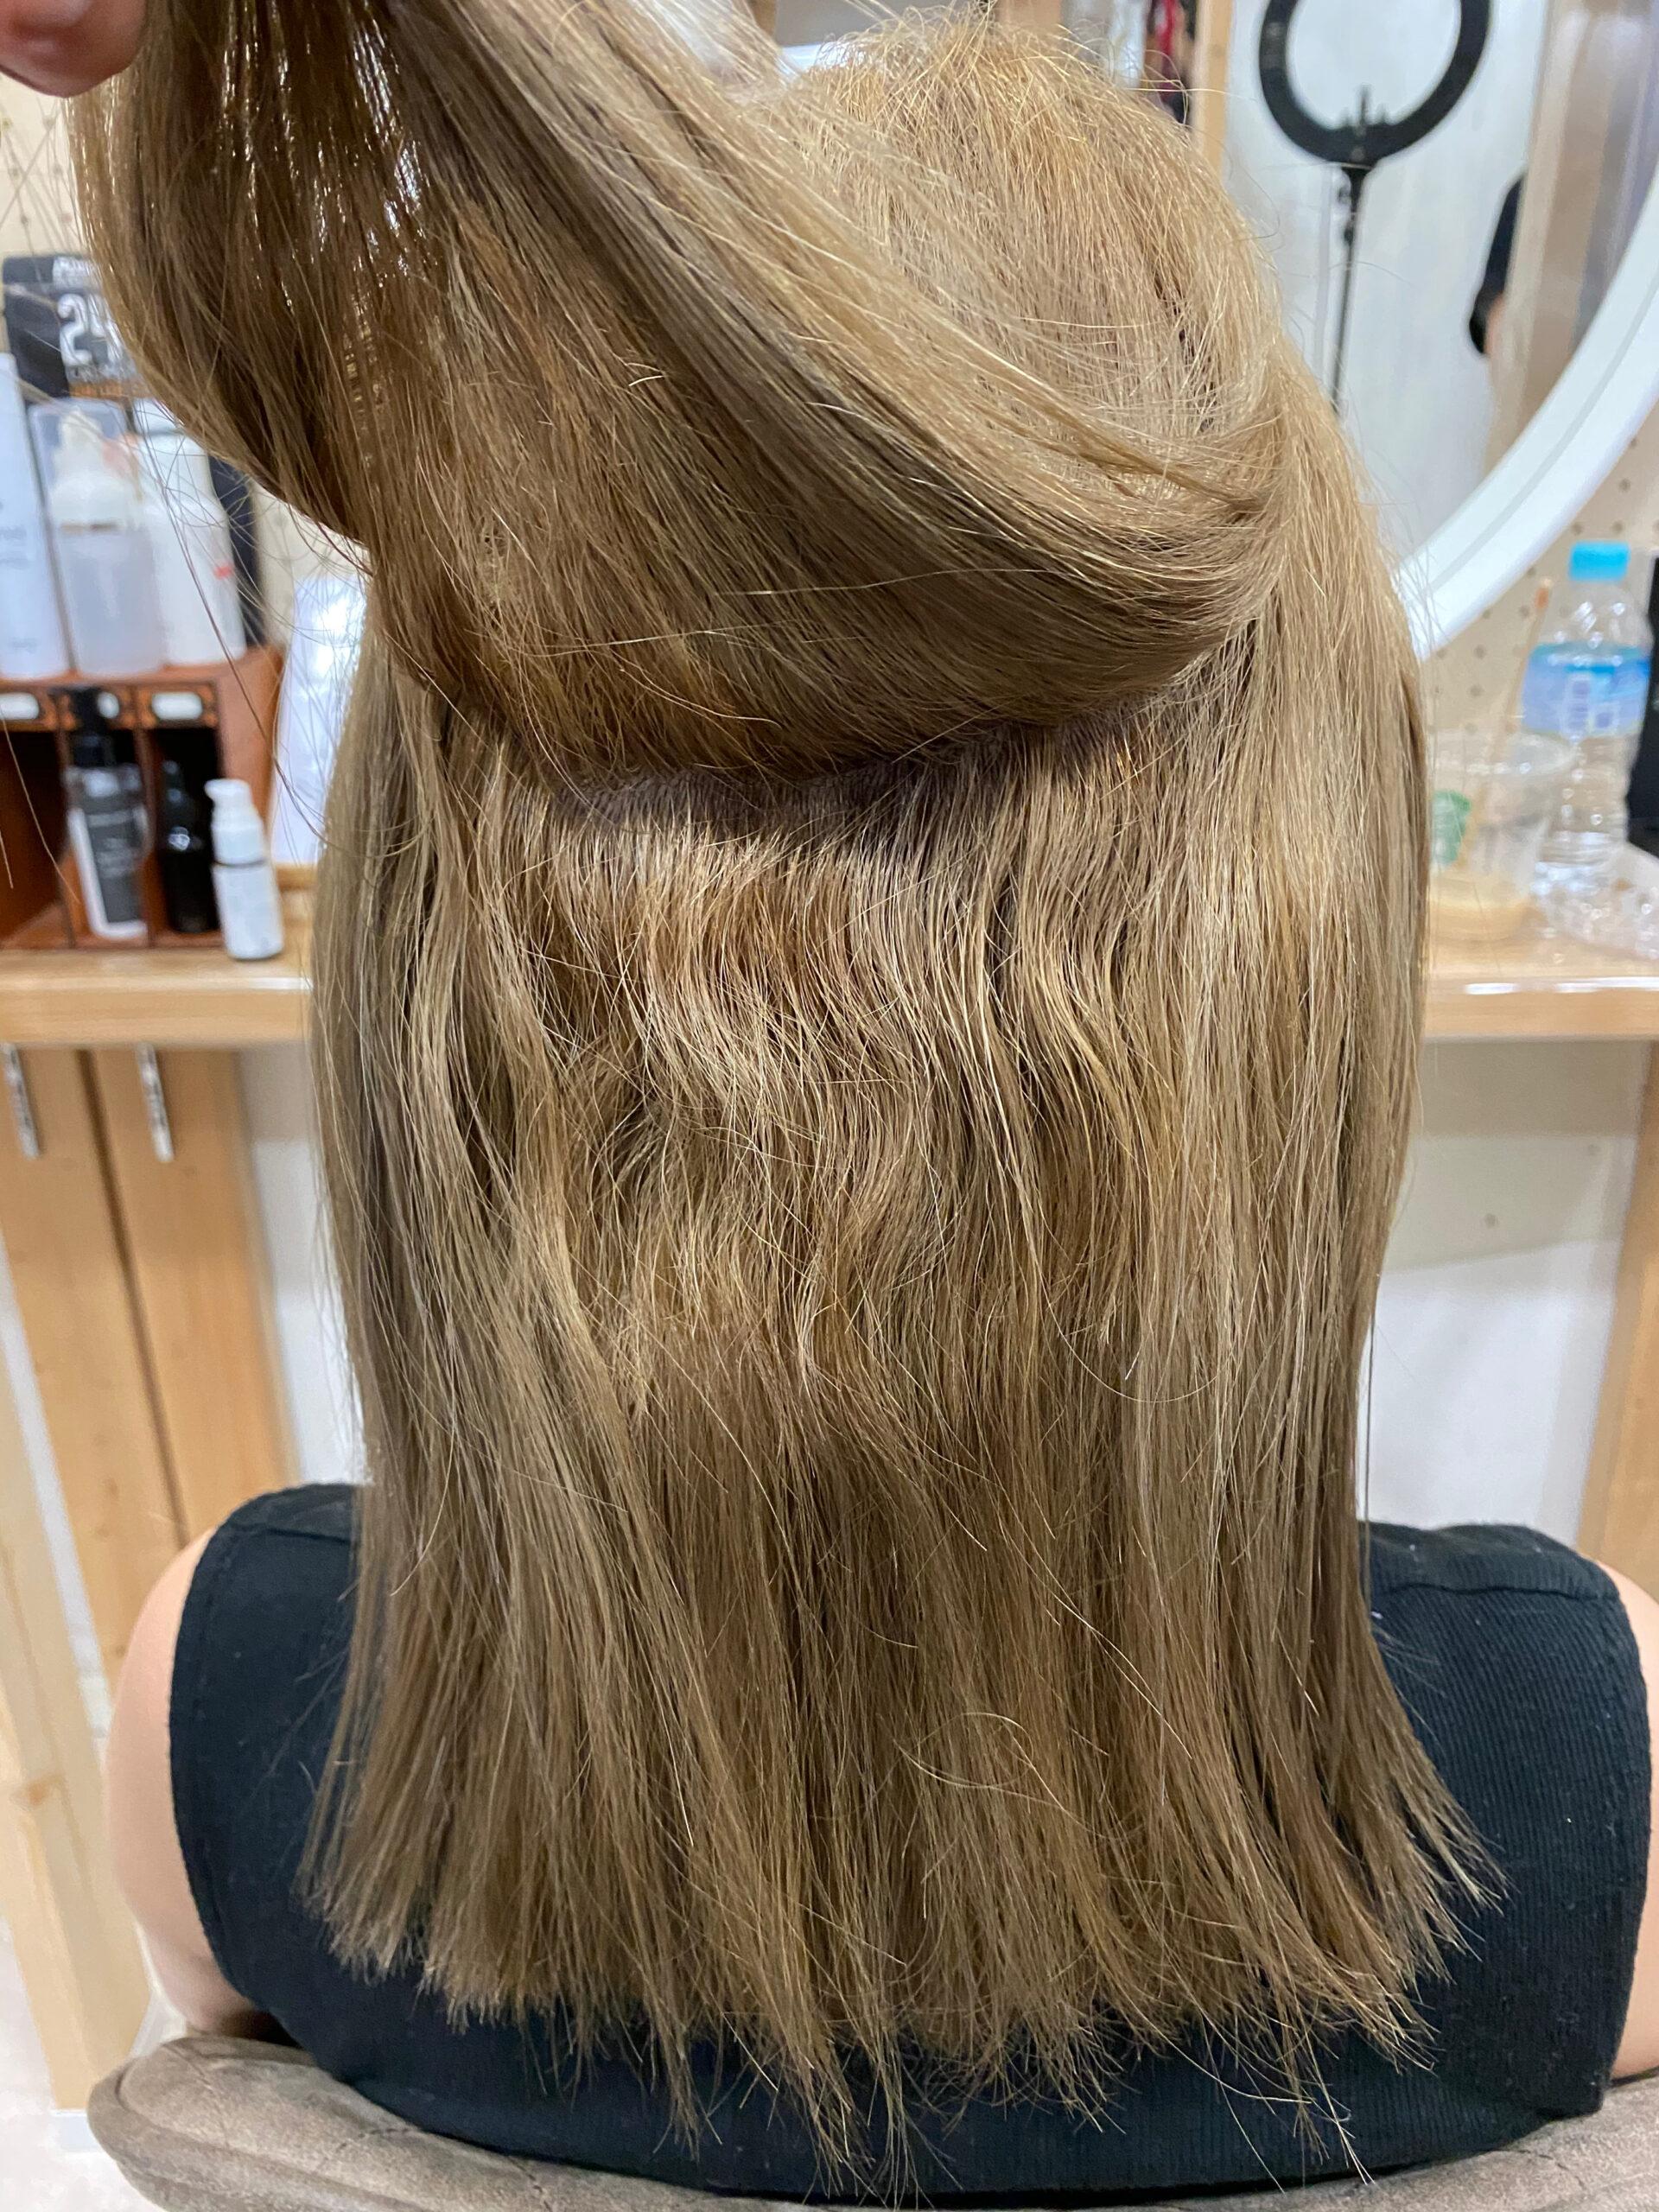 ブリーチ毛の方をジュエリーシステムシリーズ×縮毛矯正で艶髪ストレートヘア。原宿・表参道『髪のお悩みを解決するヘアケア美容師の挑戦』